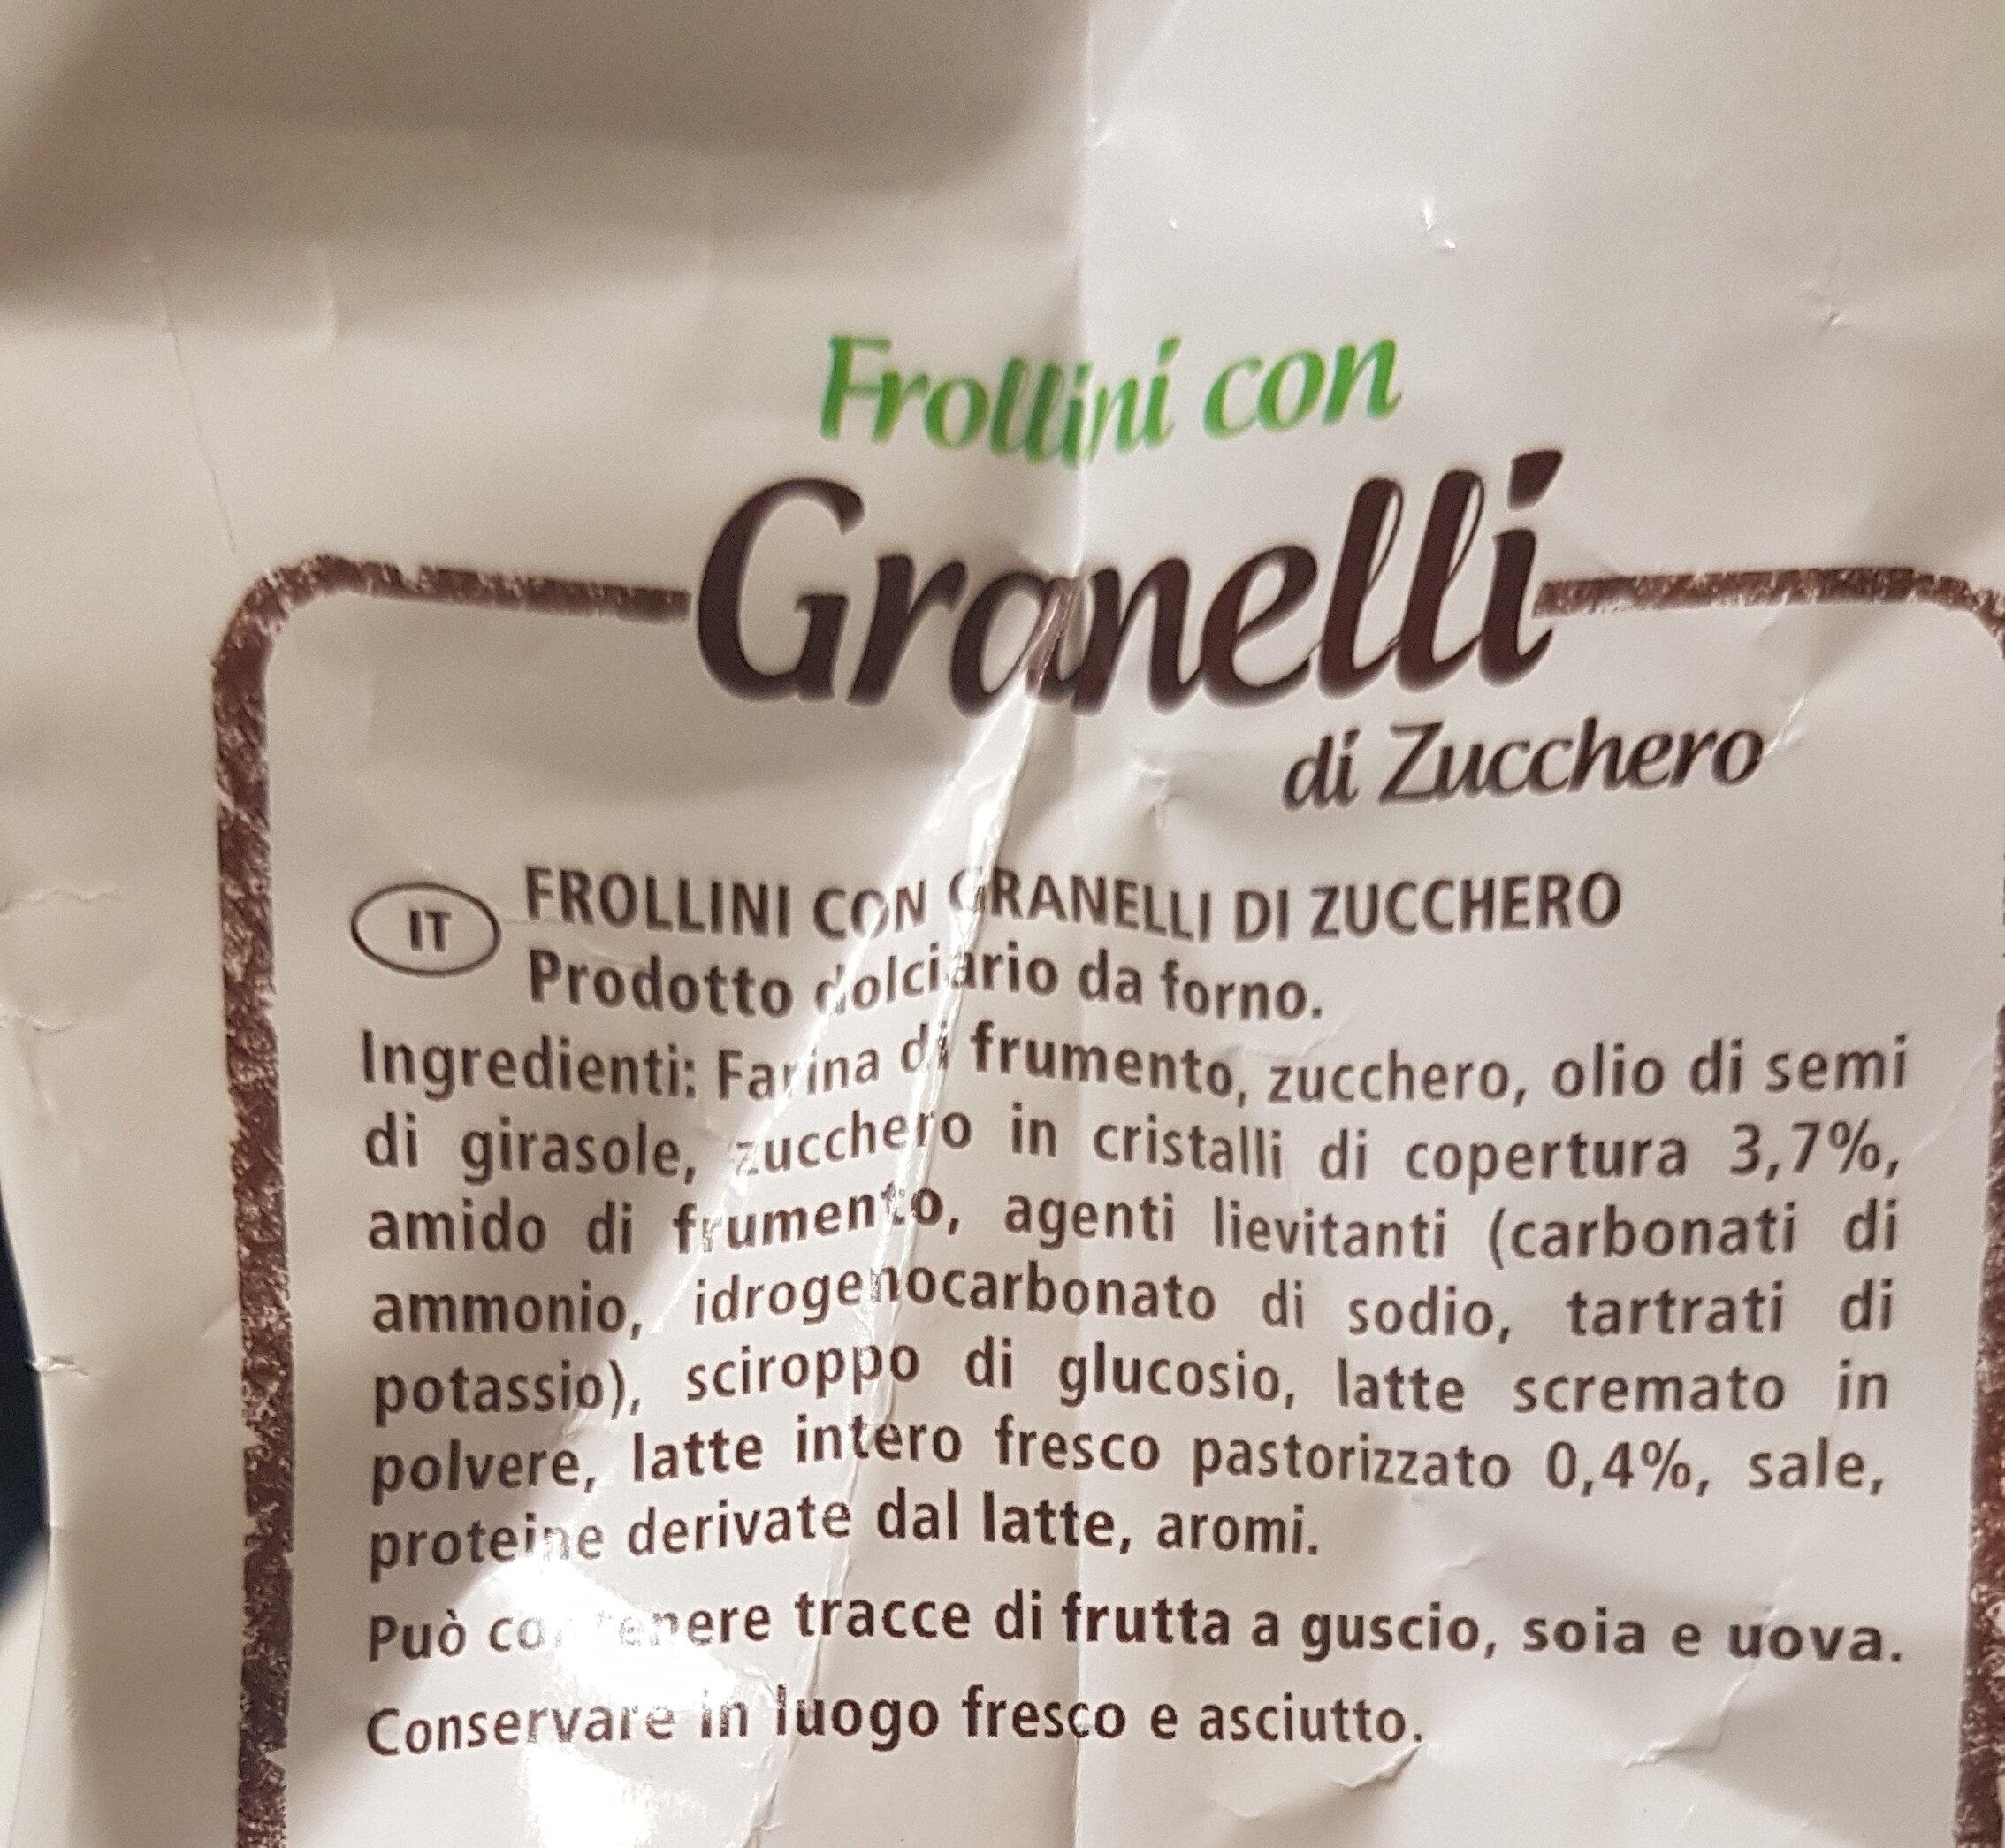 Frollini con granelli di zucchero - Ingredients - it